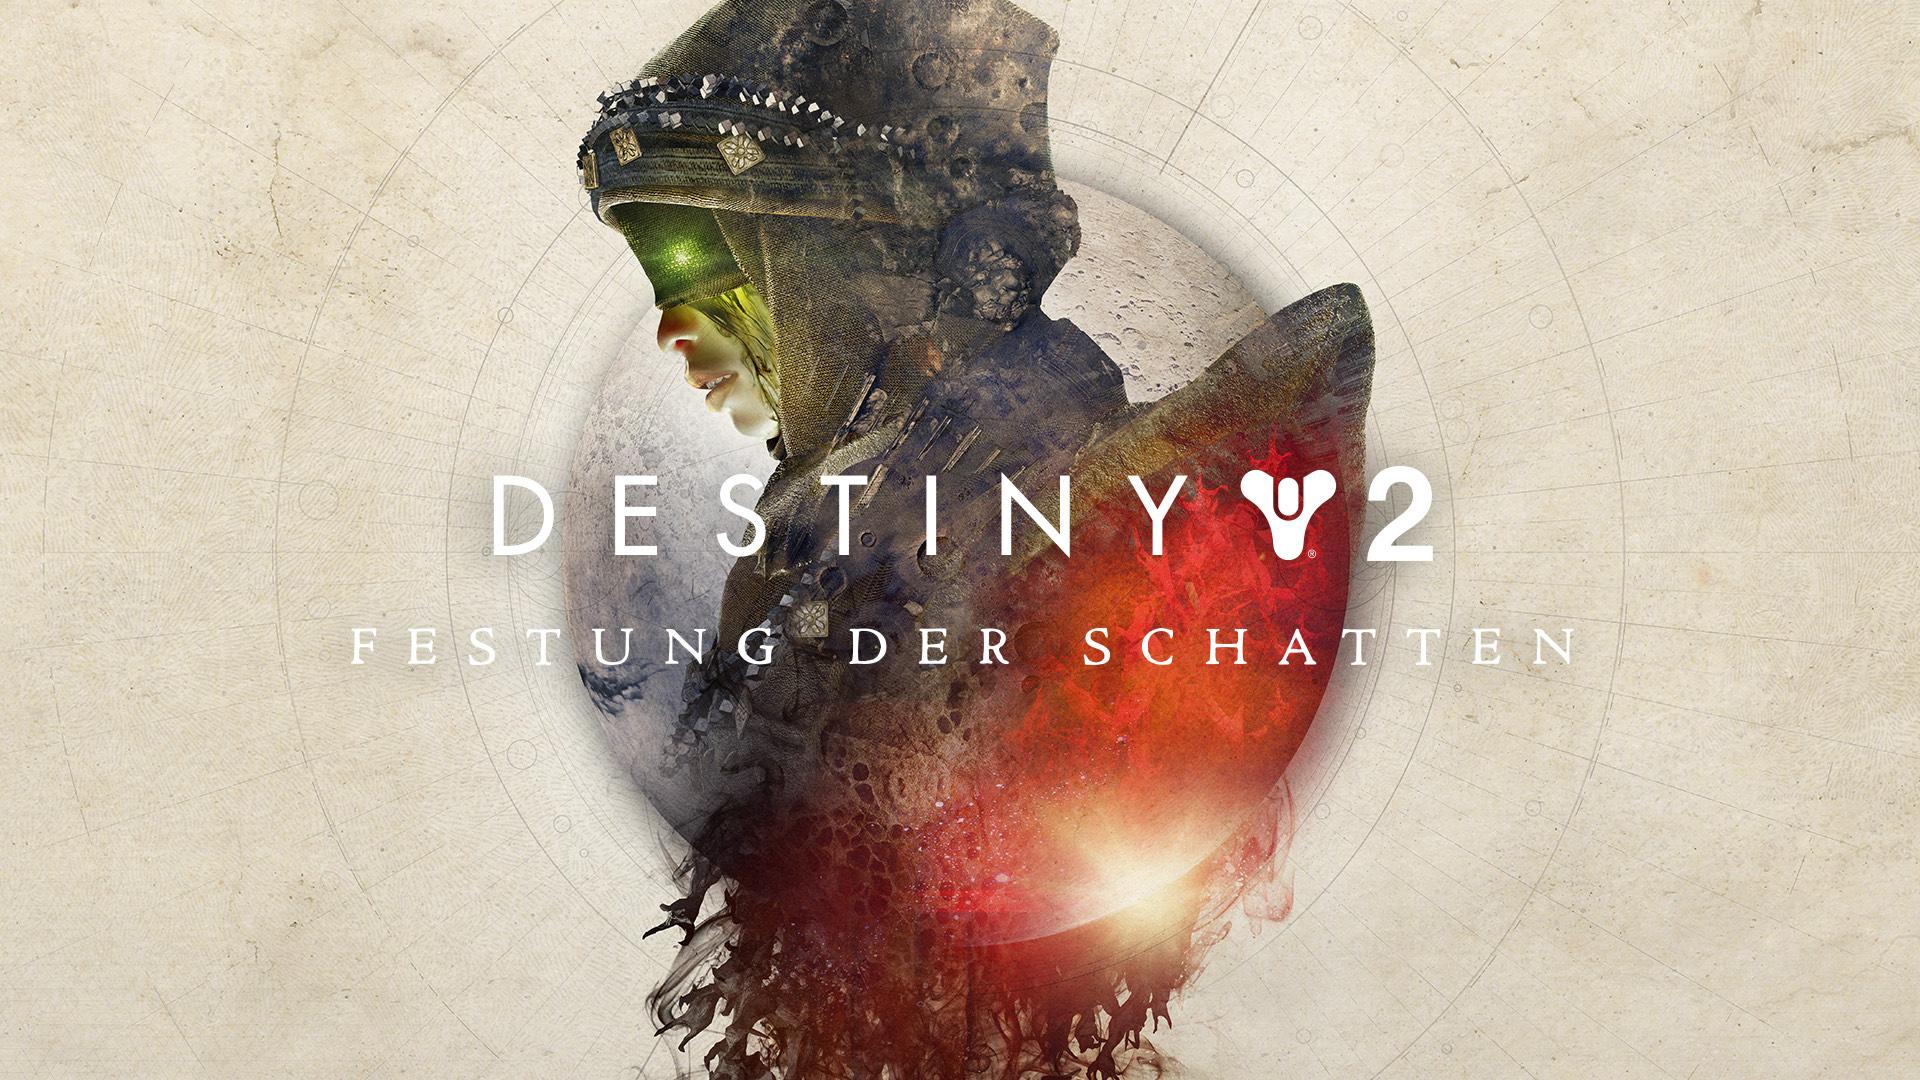 [PSN] Destiny 2 DLCs reduziert (Forsaken und Festung der Schatten)